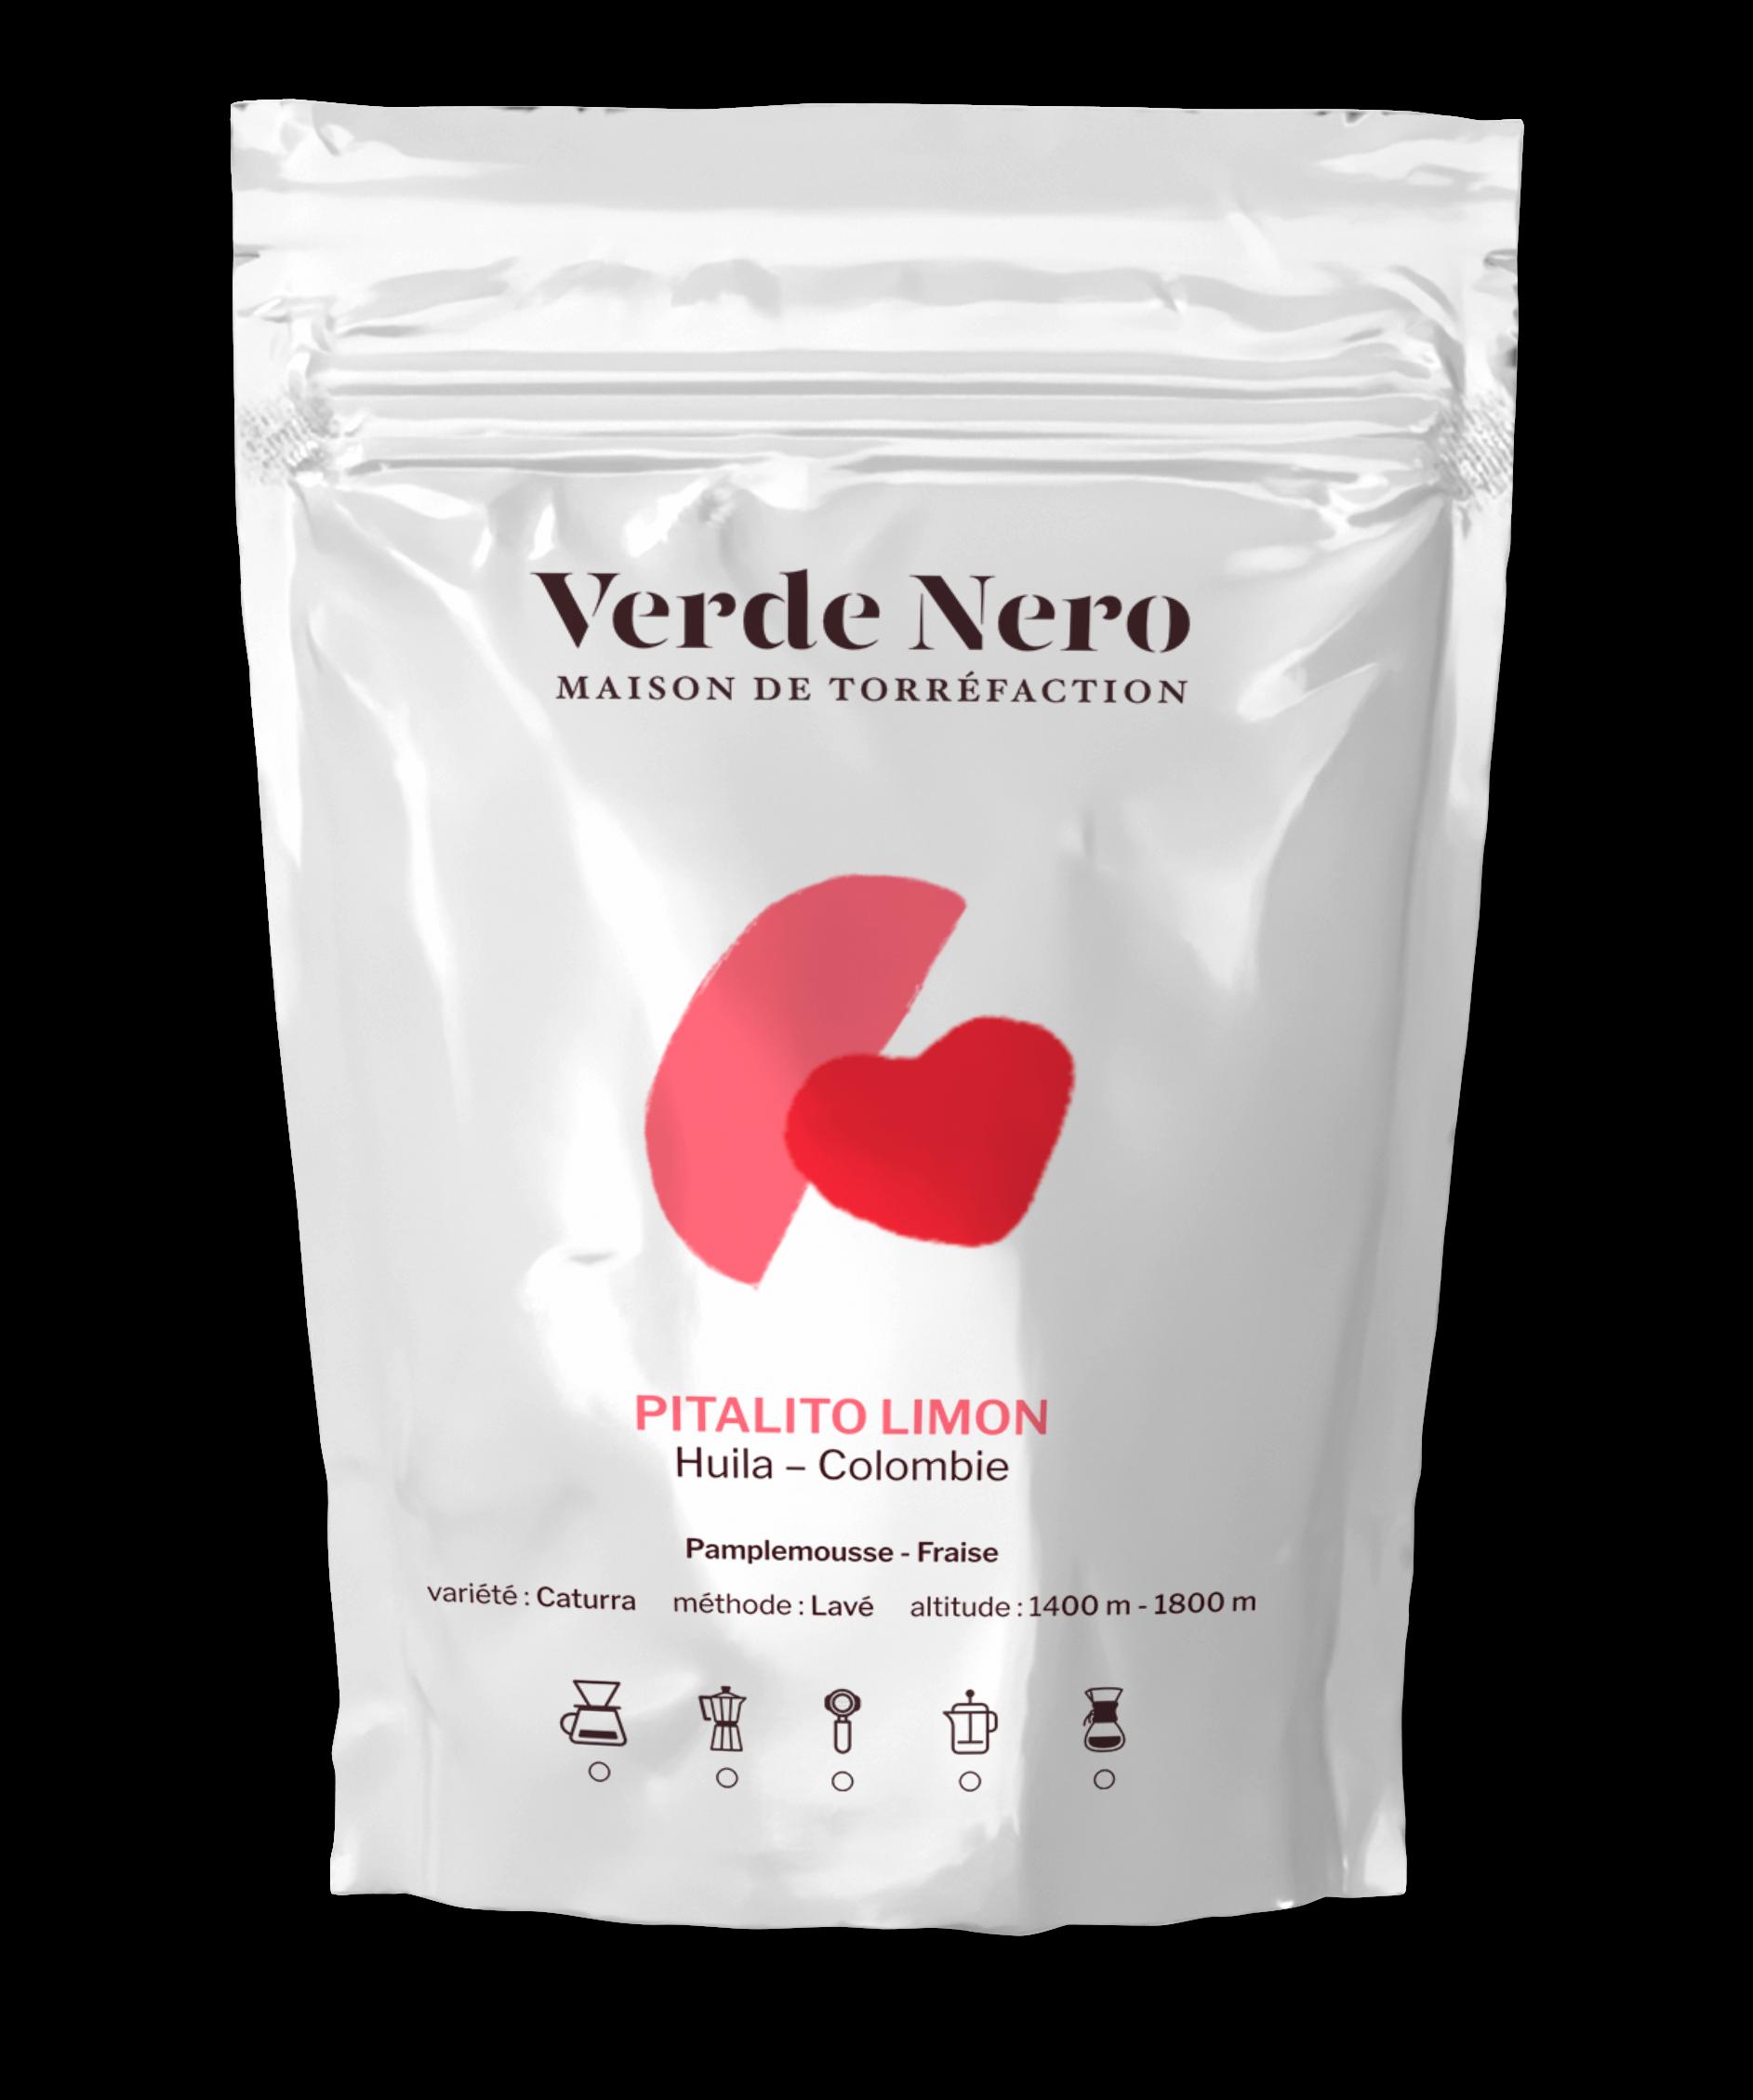 Verde Nero Café - Pitalito Limon